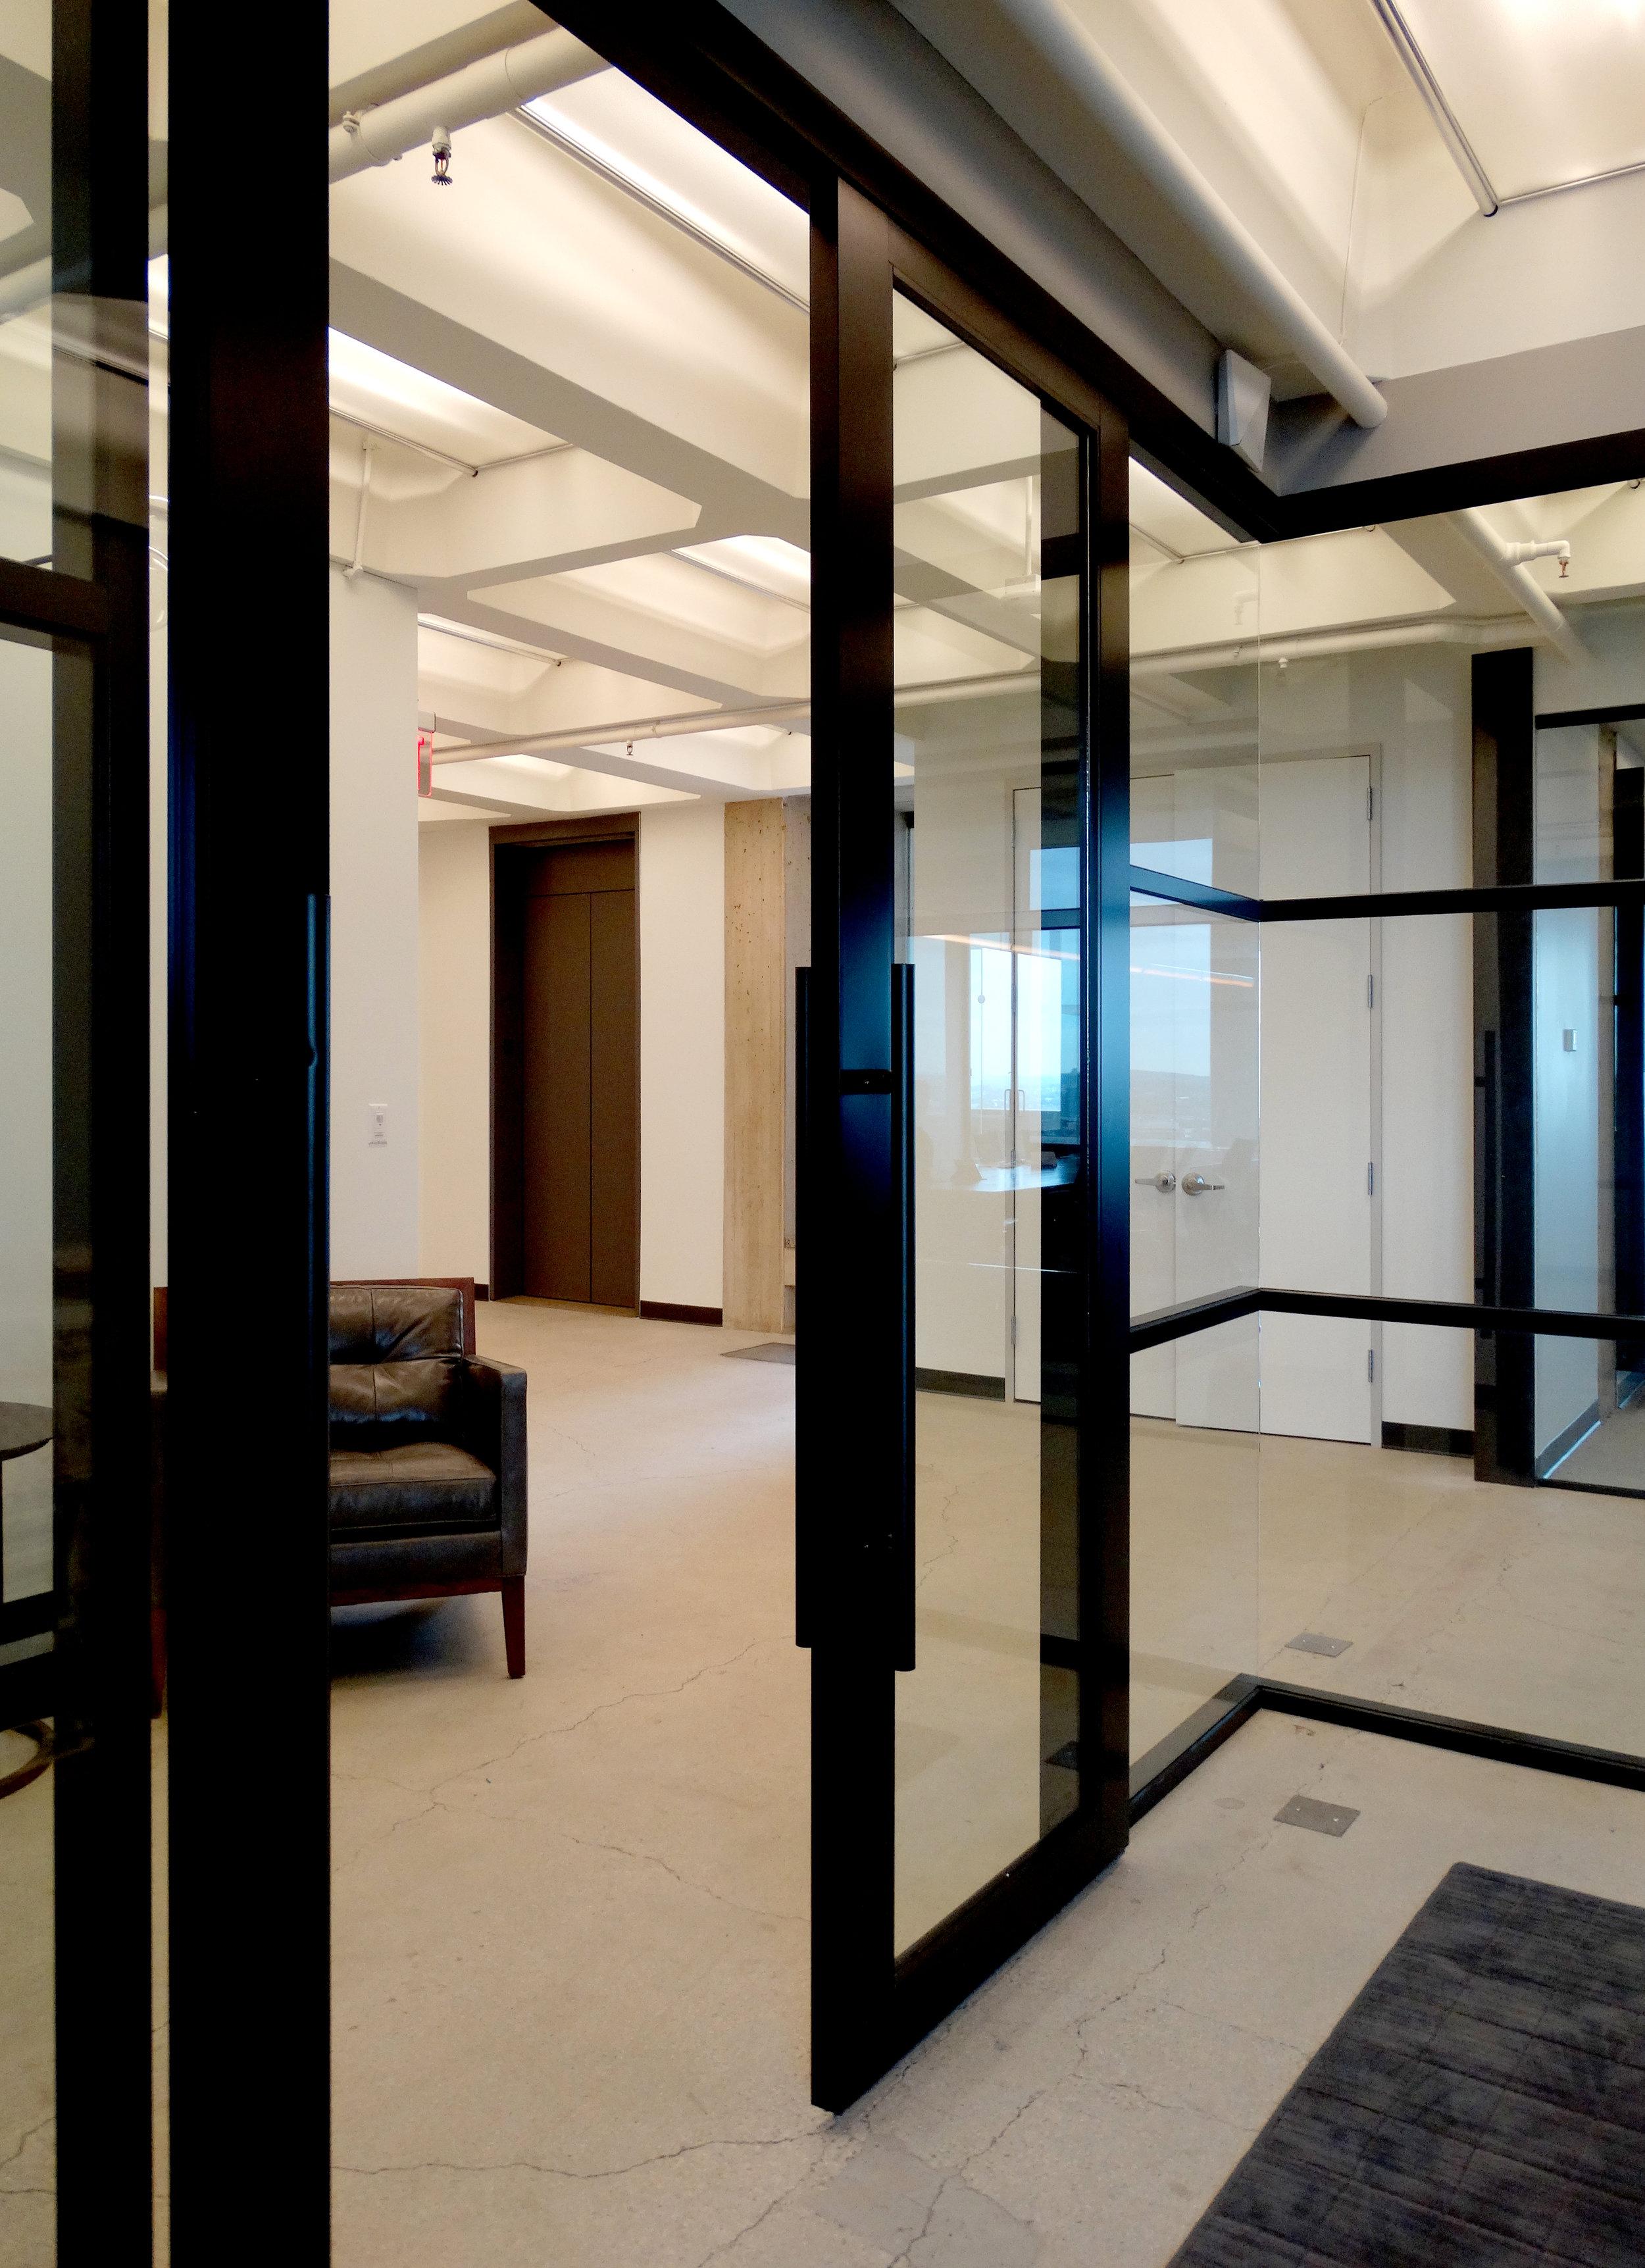 Encase Black Aluminum Framed Glass Doors Black Ladder Pulls - Spaceworks AI.JPG